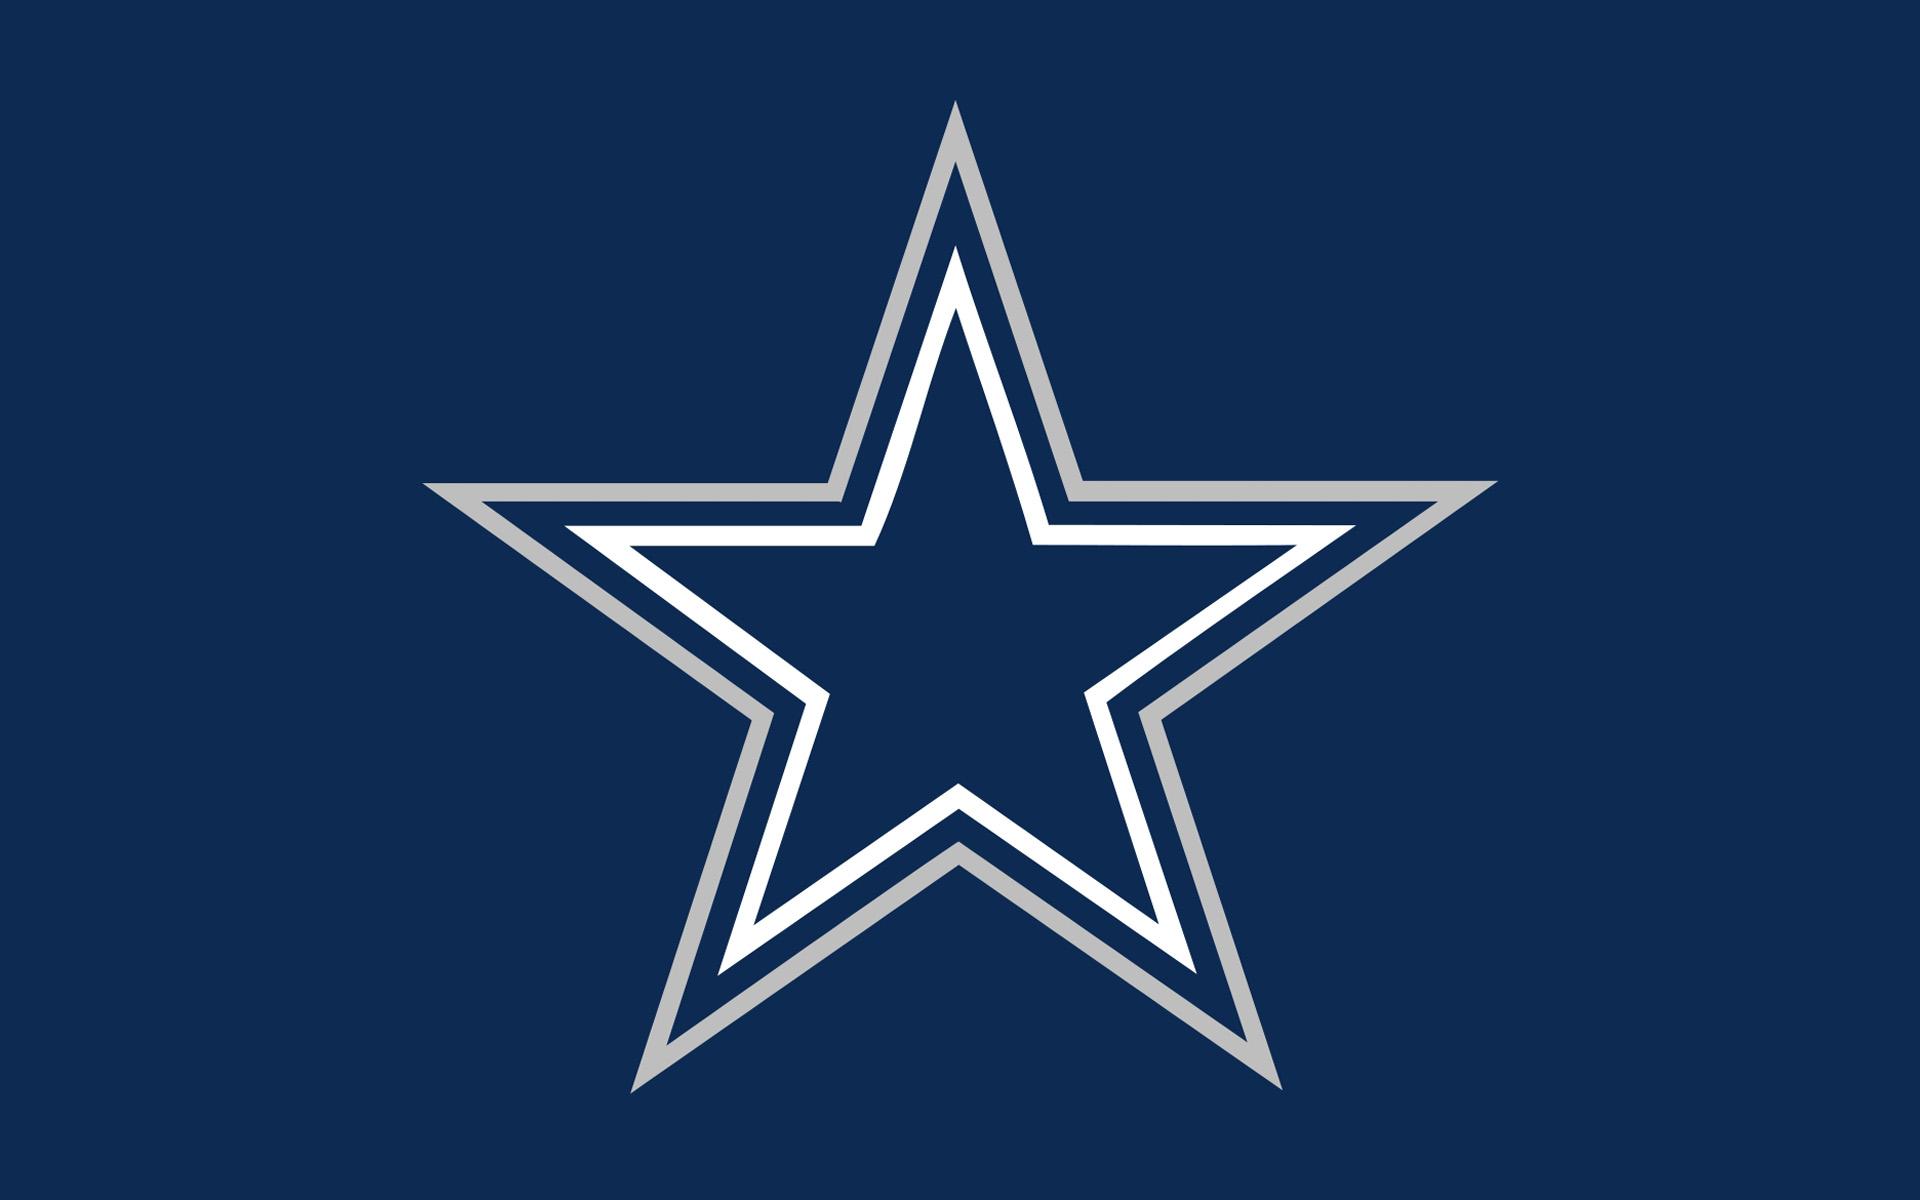 Dallas Cowboys Nfl 1920x1200 Wide Images 1920x1200